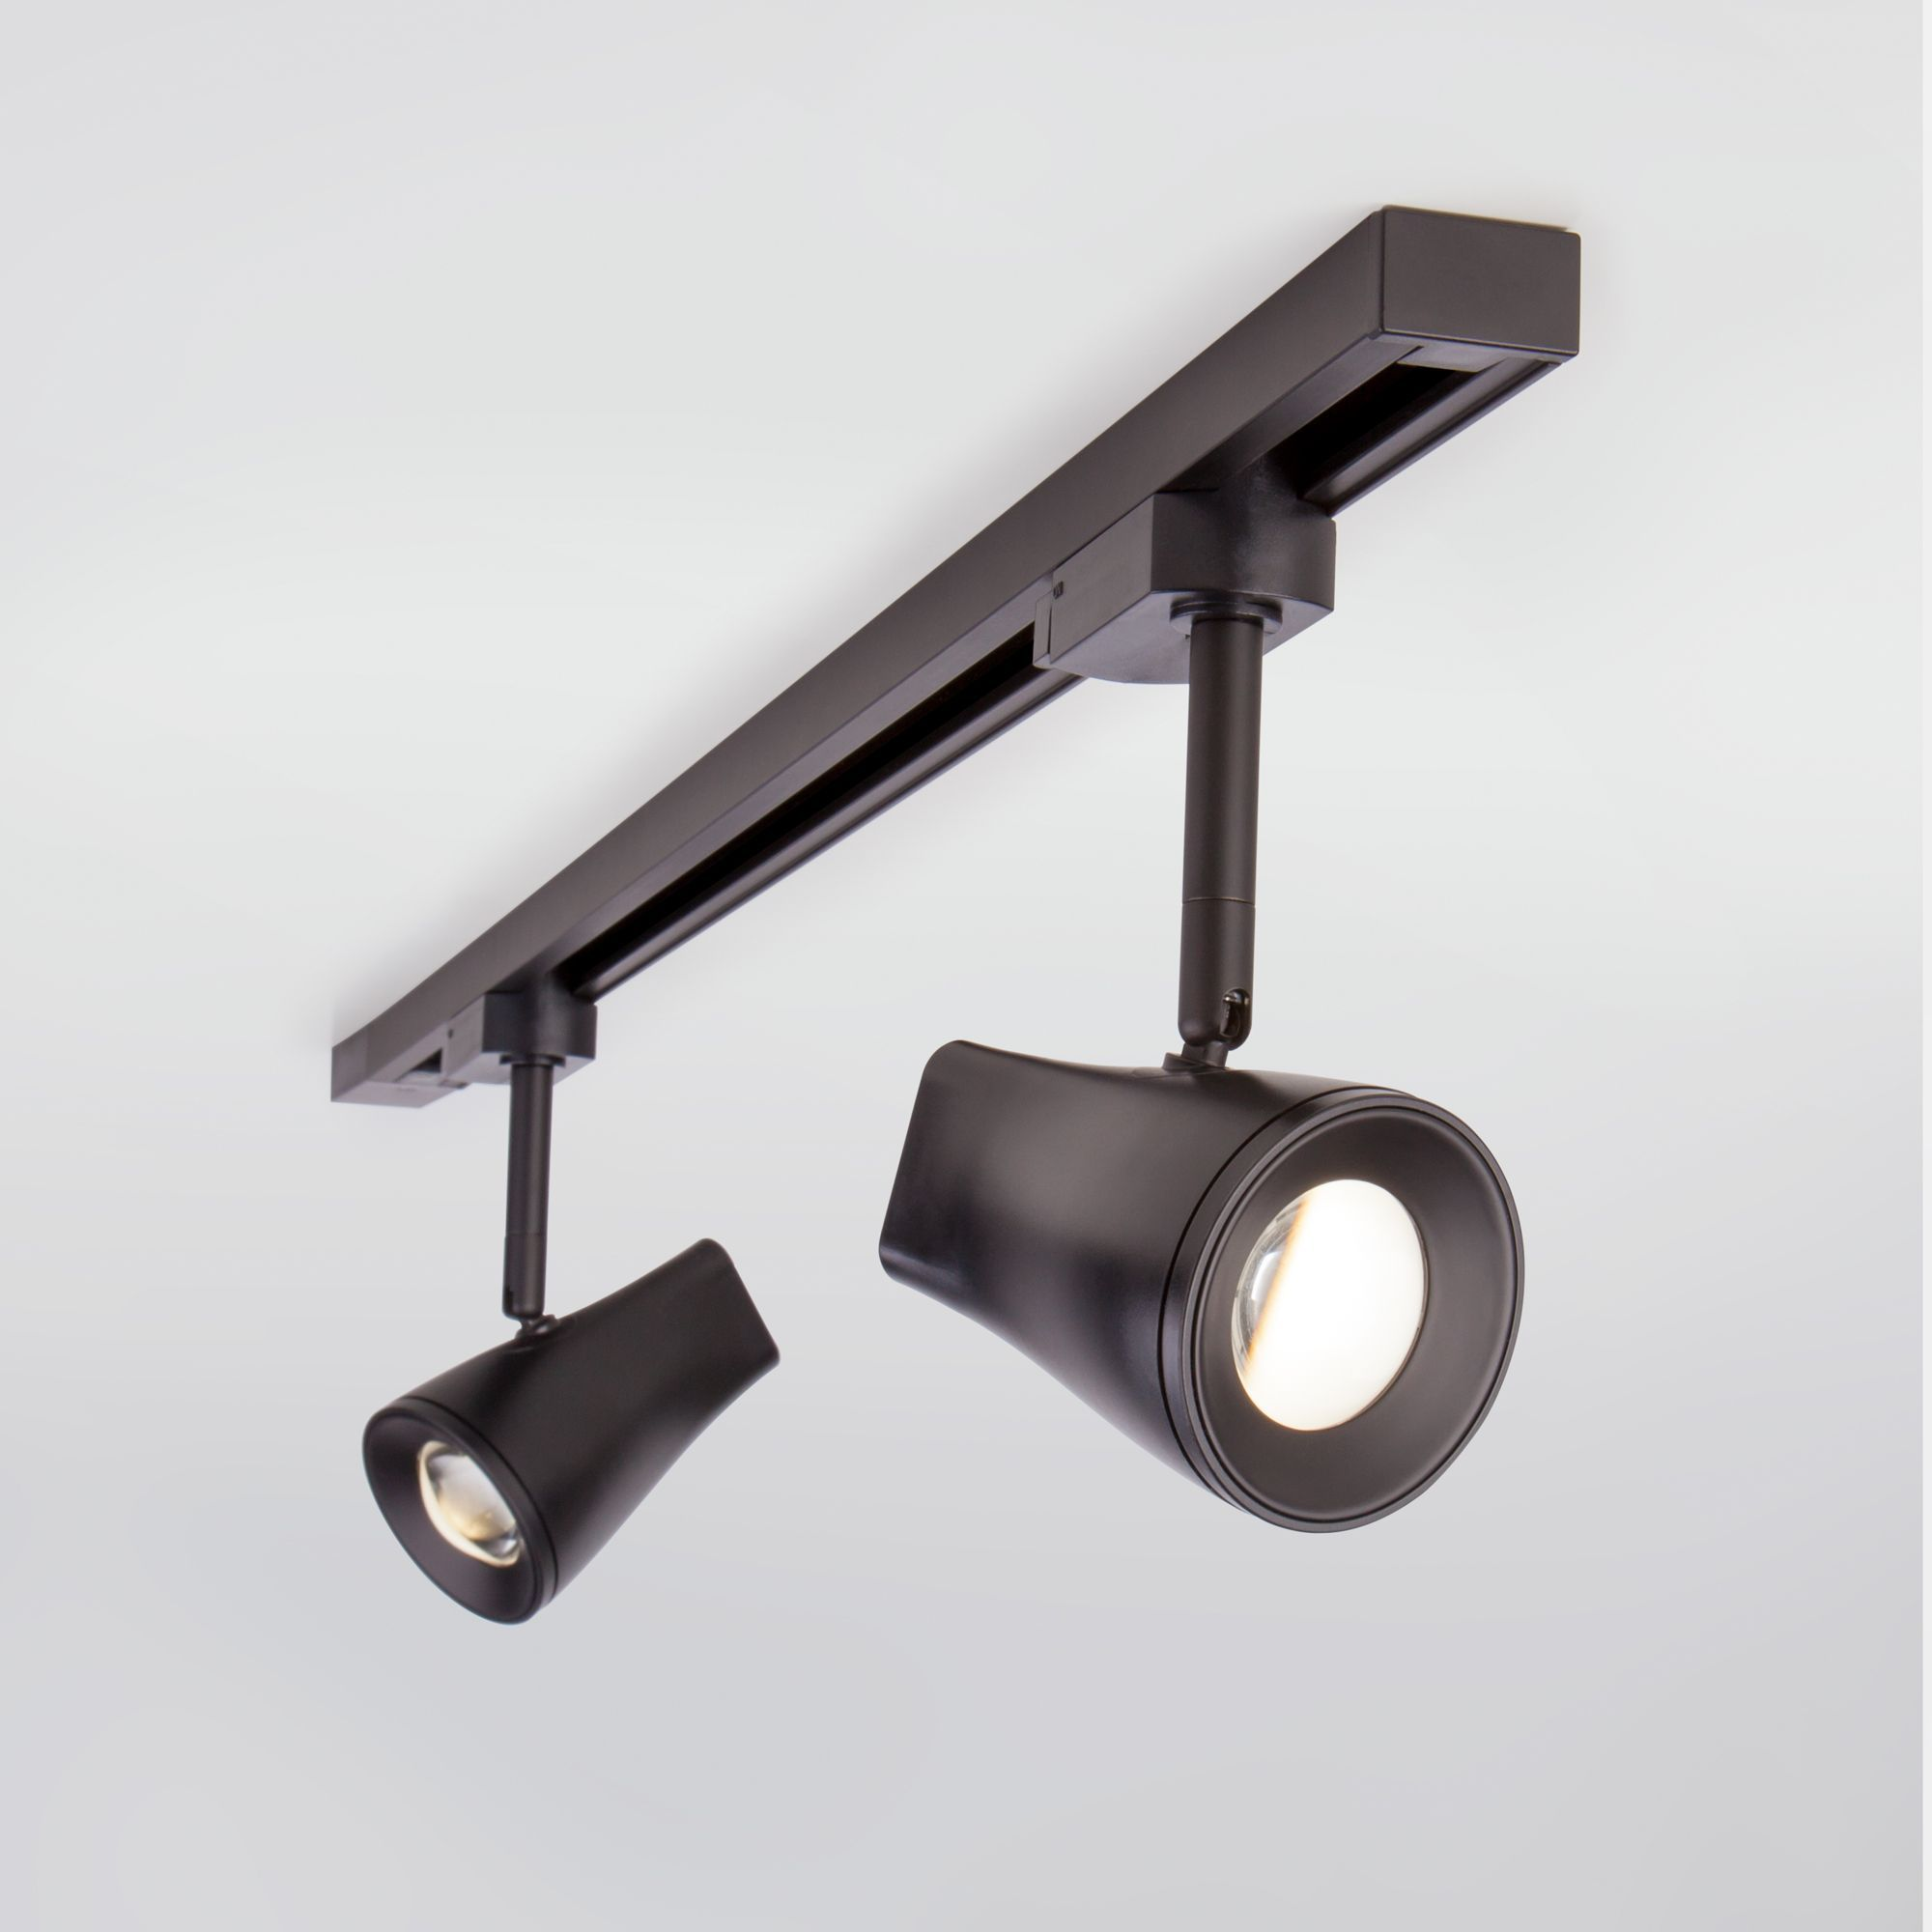 Трековый светодиодный светильник для однофазного шинопровода Hardi черный 9W 4200K (1 шт.) LTB18